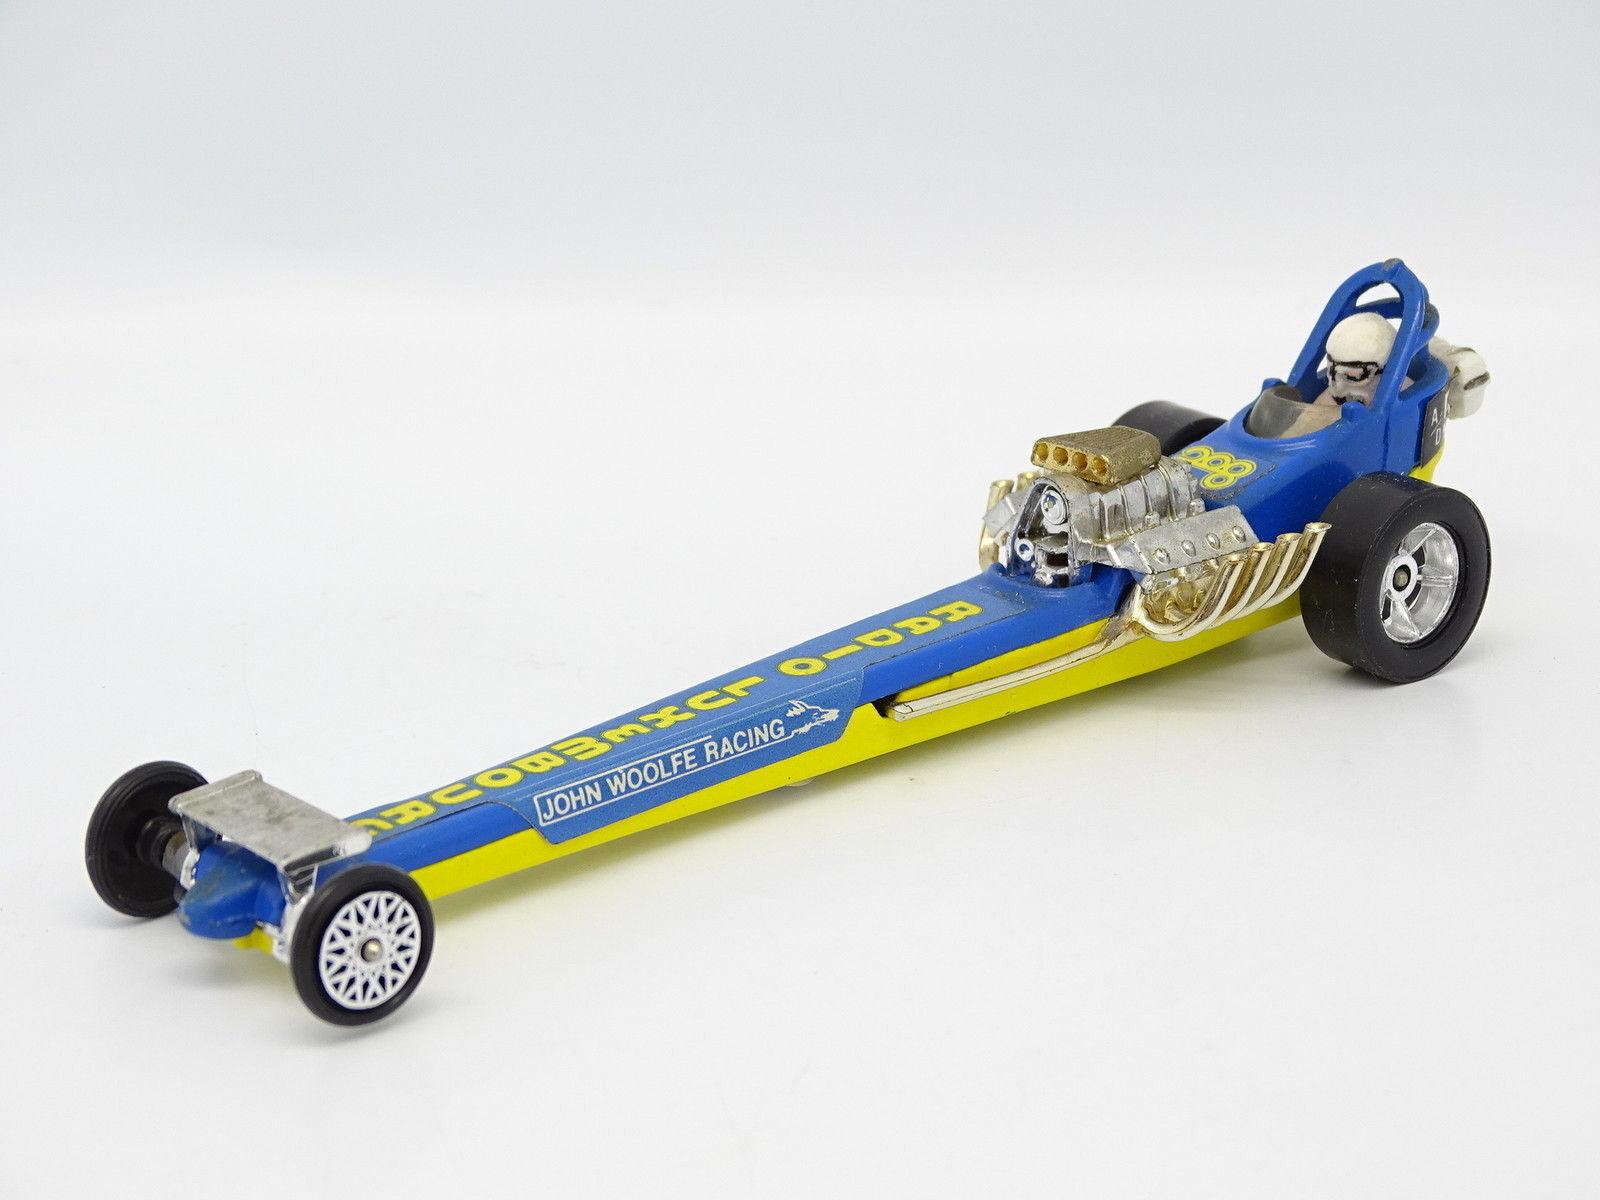 Corgi Toys SB 1 43 - Quartermaster Dragster